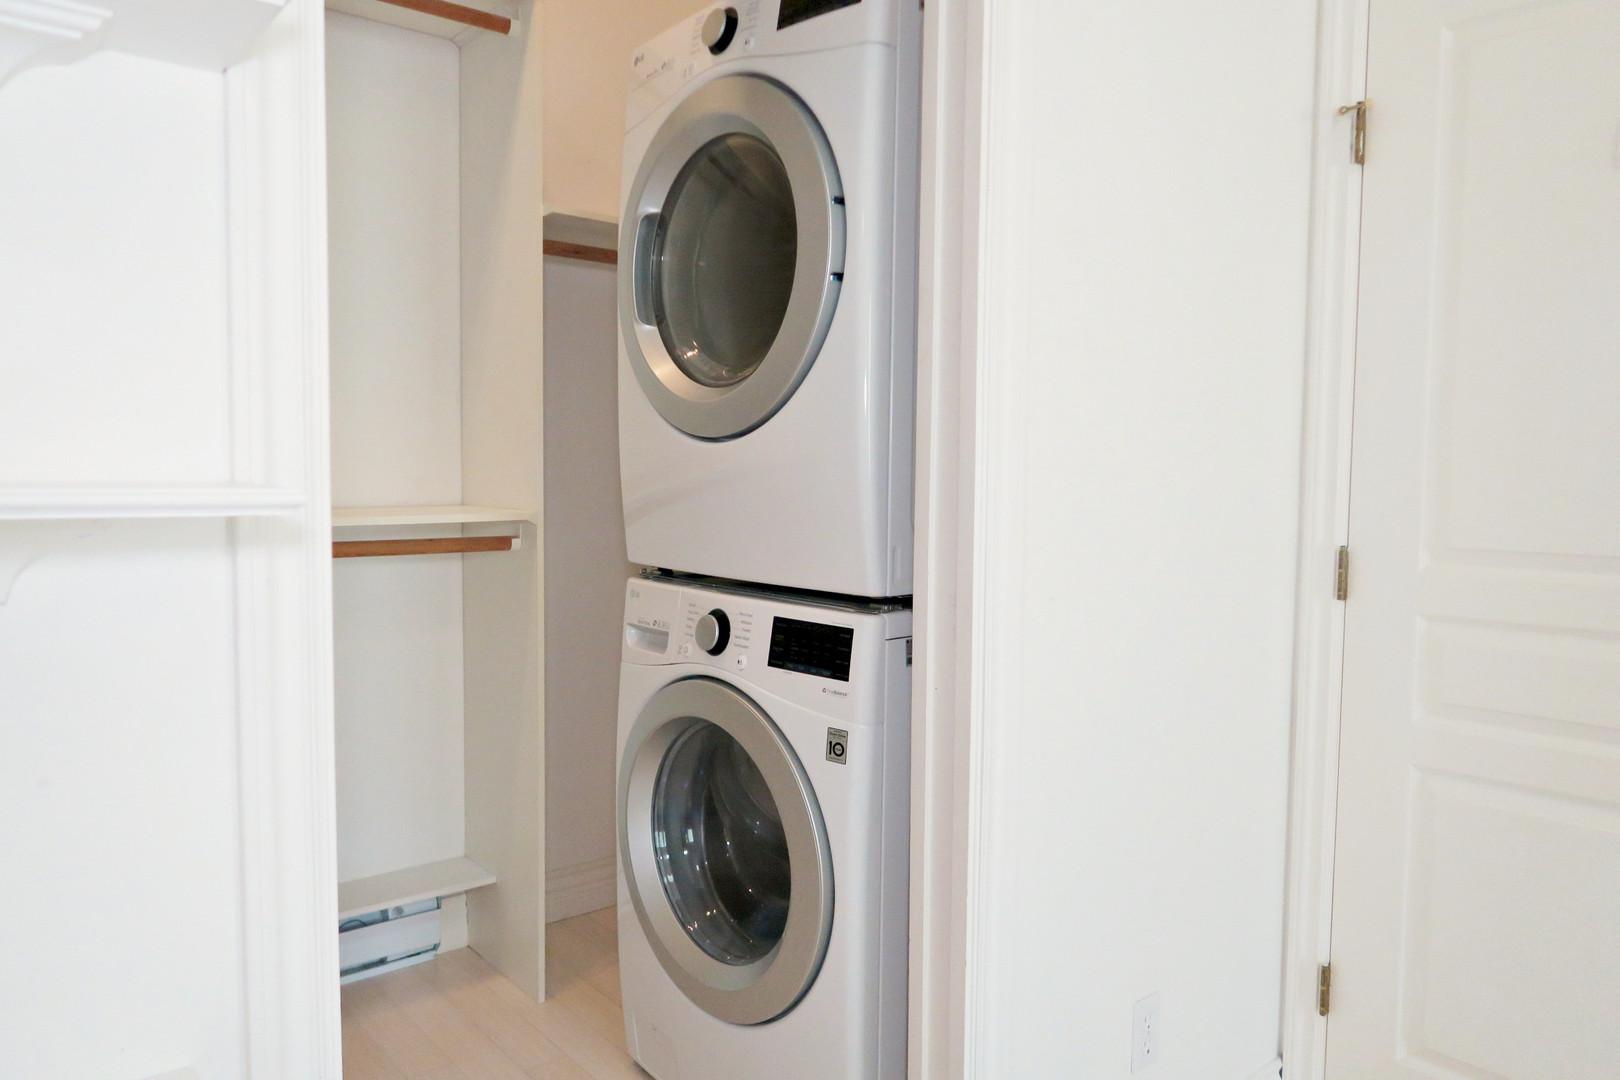 ③ 私人洗衣乾衣機